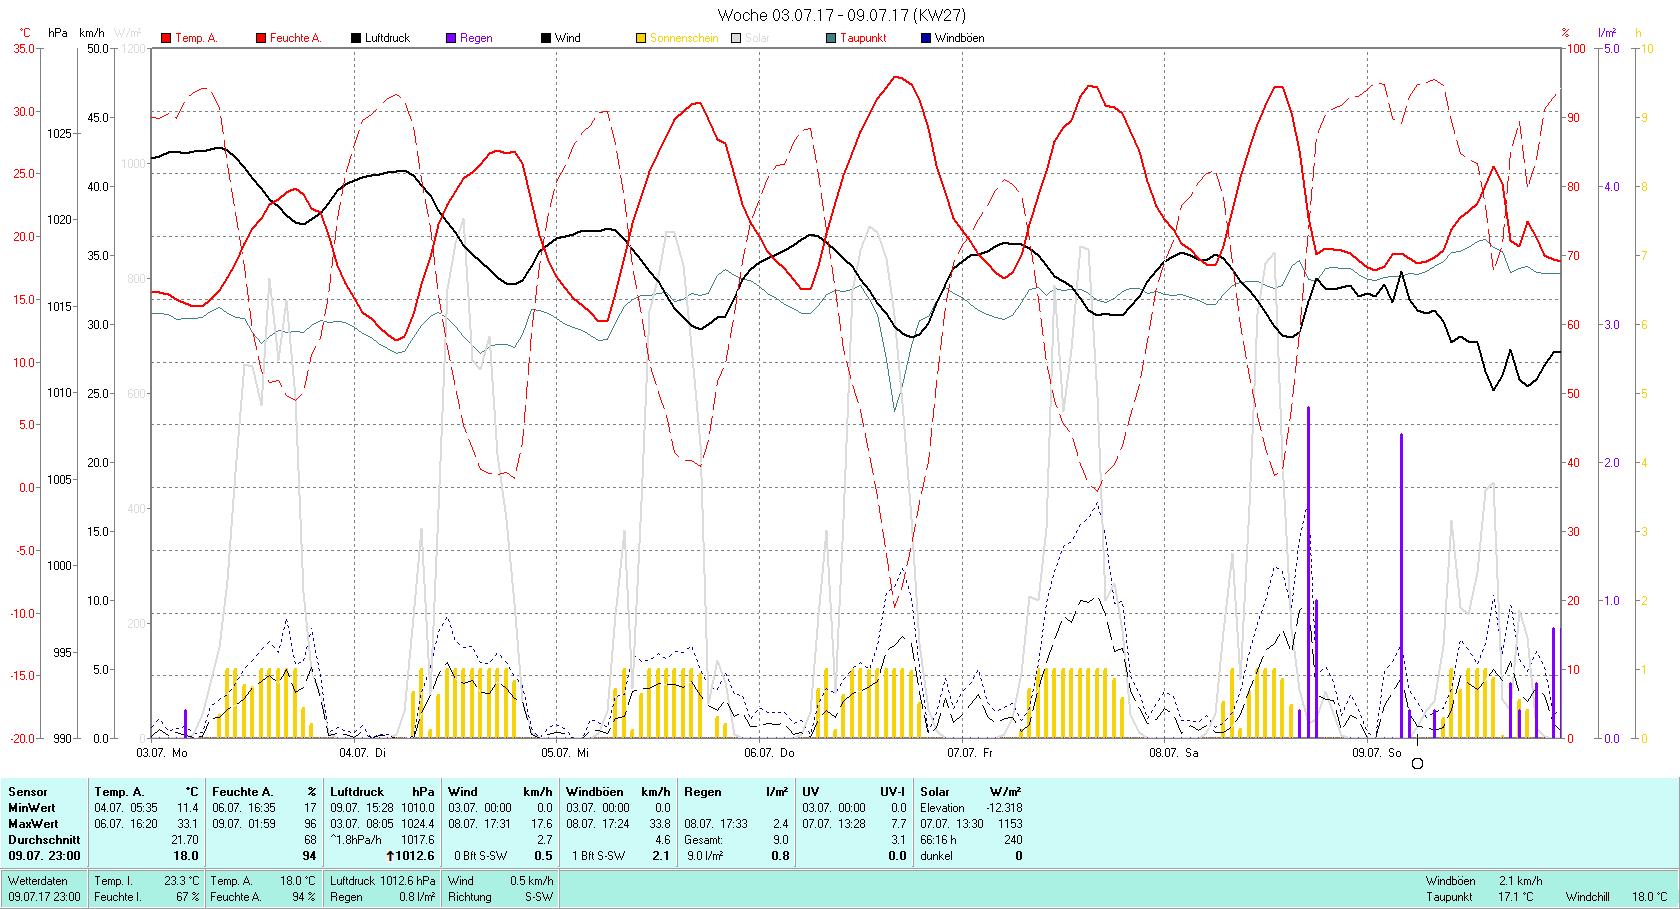 KW 27 Tmin 11.4°C, Tmax 33.1°C, Sonne 66:16 h Niederschlag 9 mm2